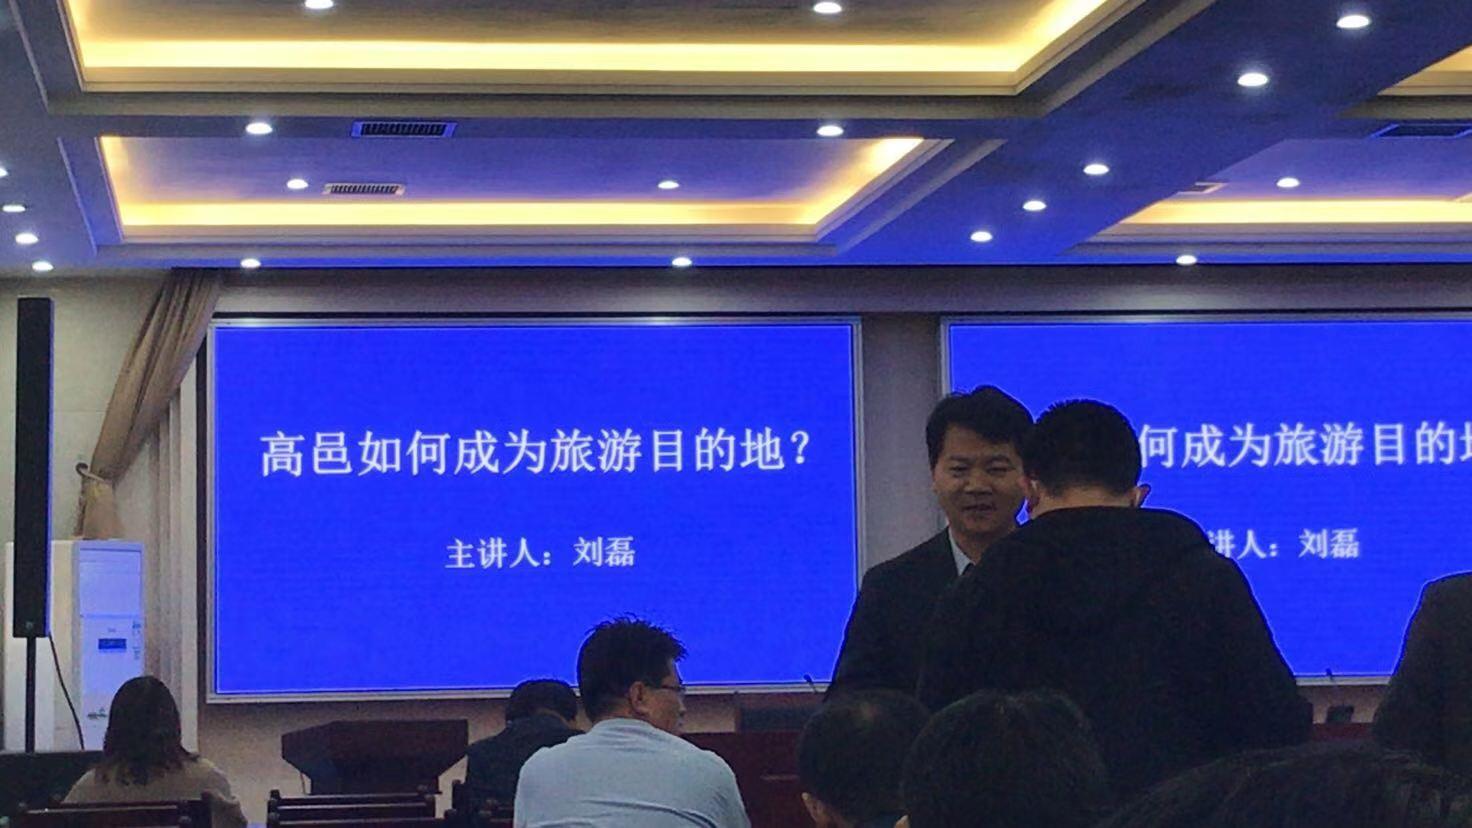 国艺中联执行总裁,总策划师刘磊以《高邑如何成为旅游目的地》为题给高邑人讲课